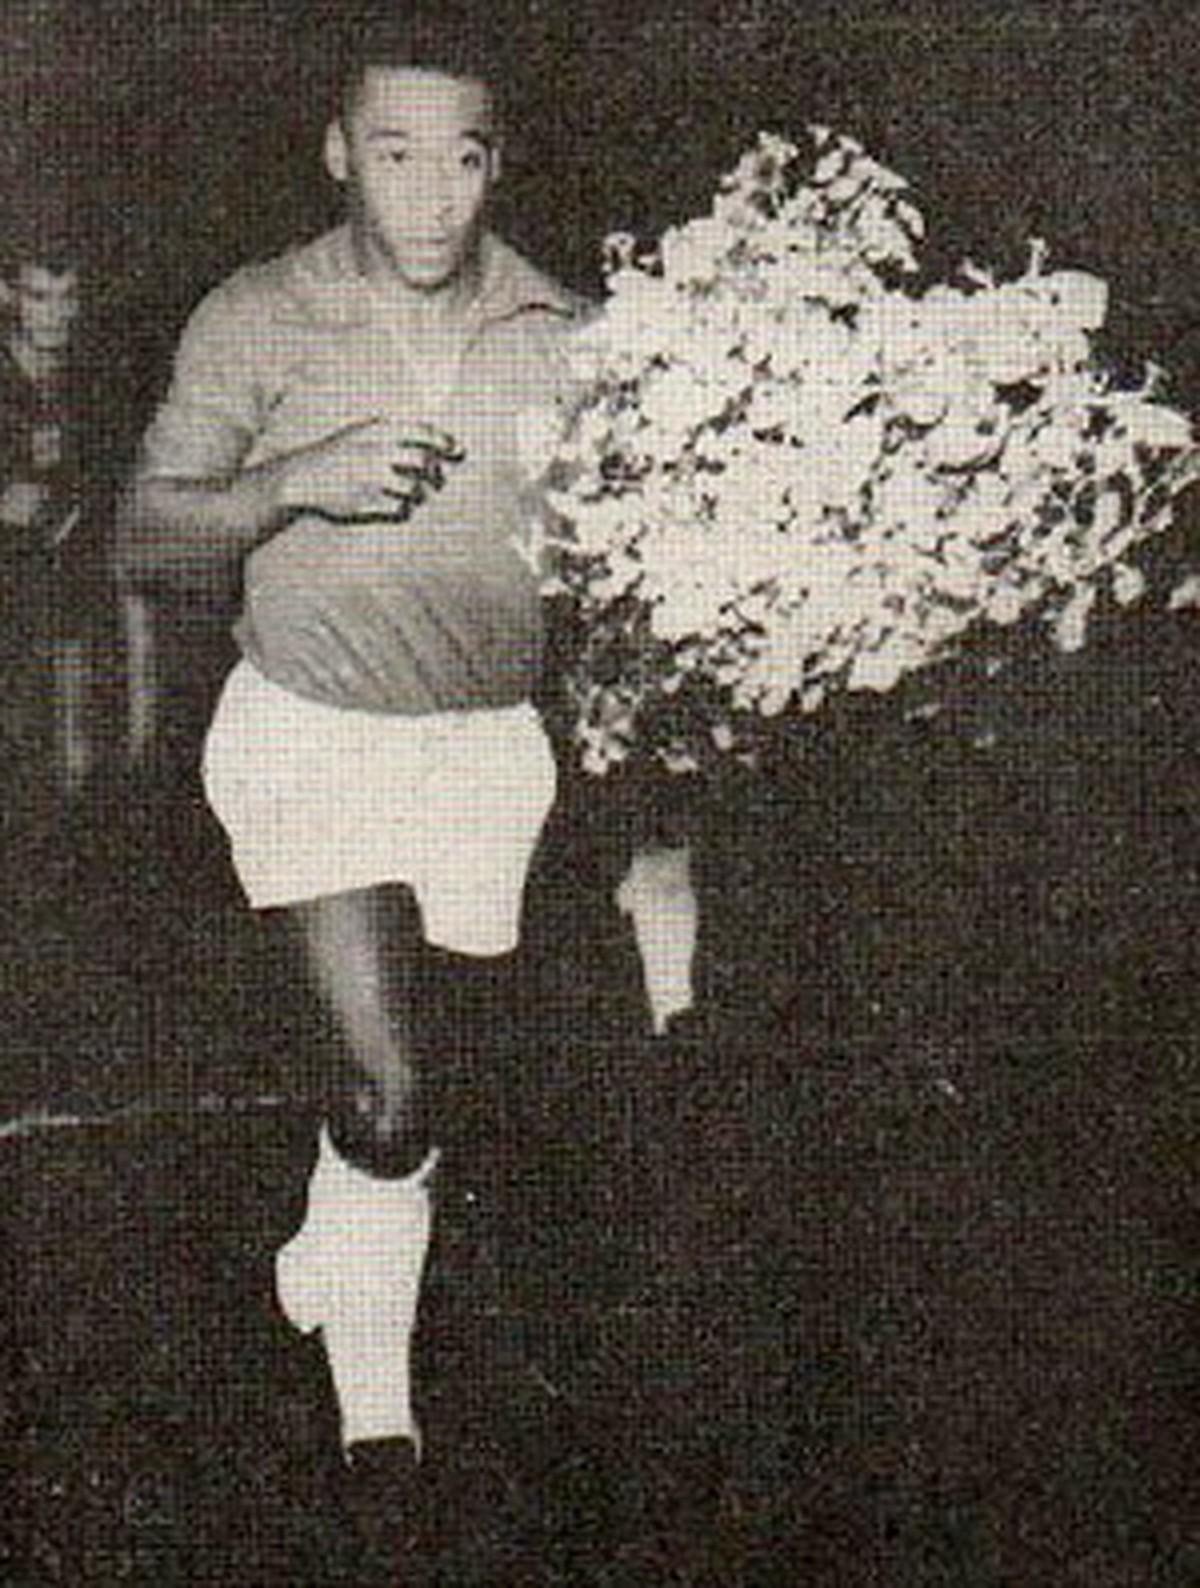 Uma noite mágica: há 55 anos, Pelé vestia a camisa do Remo no Baenão  completamente lotado | remo | ge